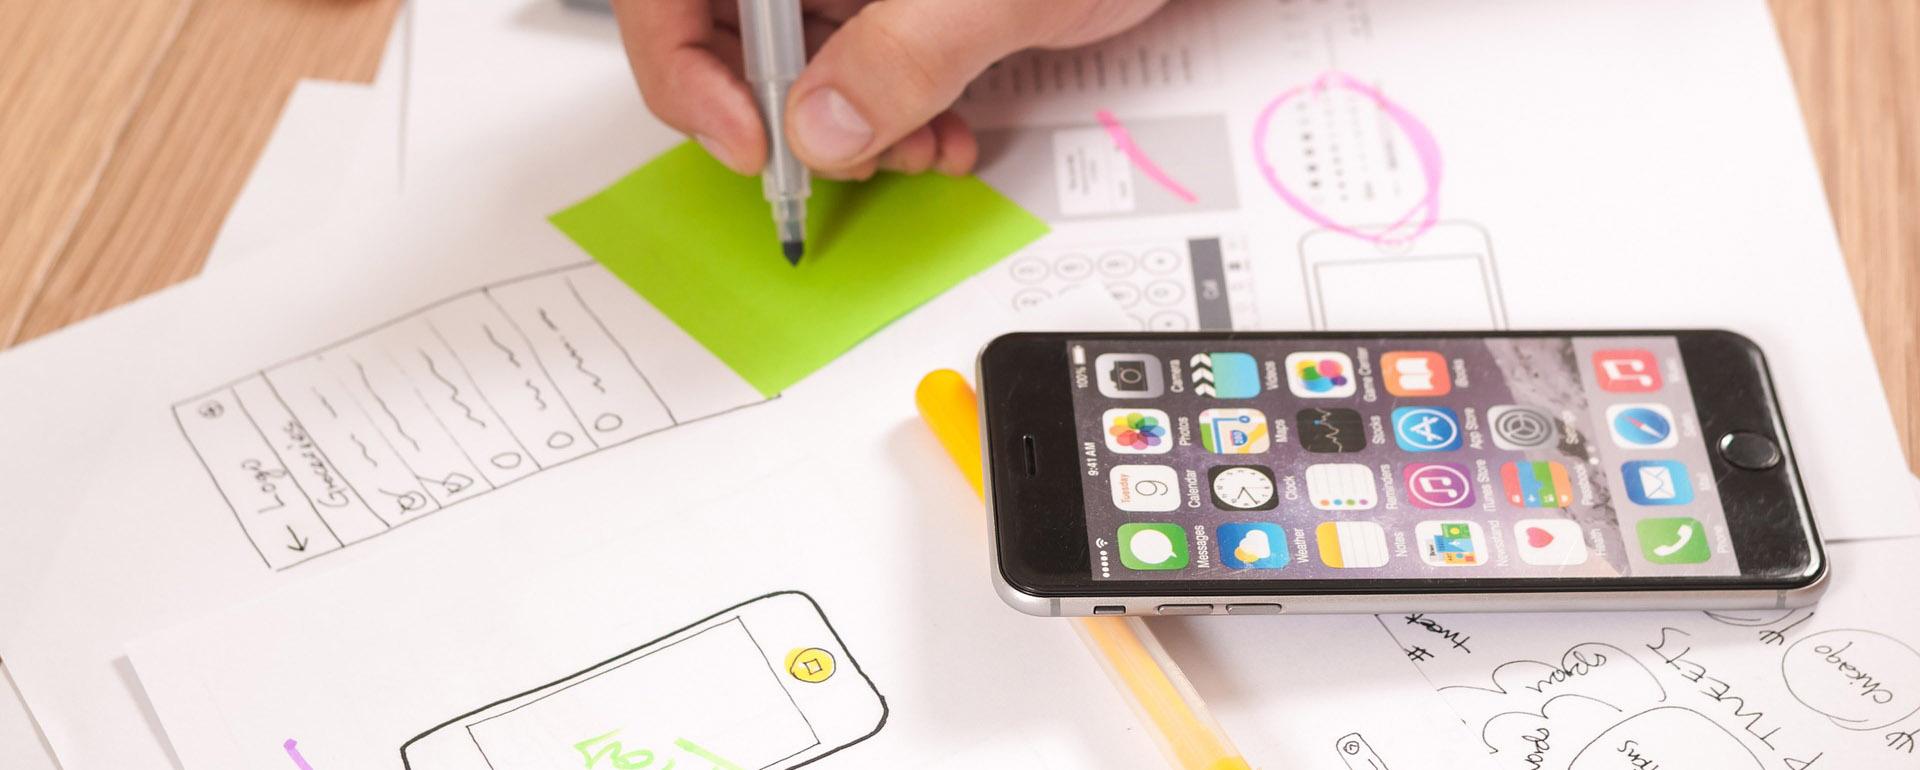 5 consejos para mejorar la experiencia de usuario en una web industrial.jpg